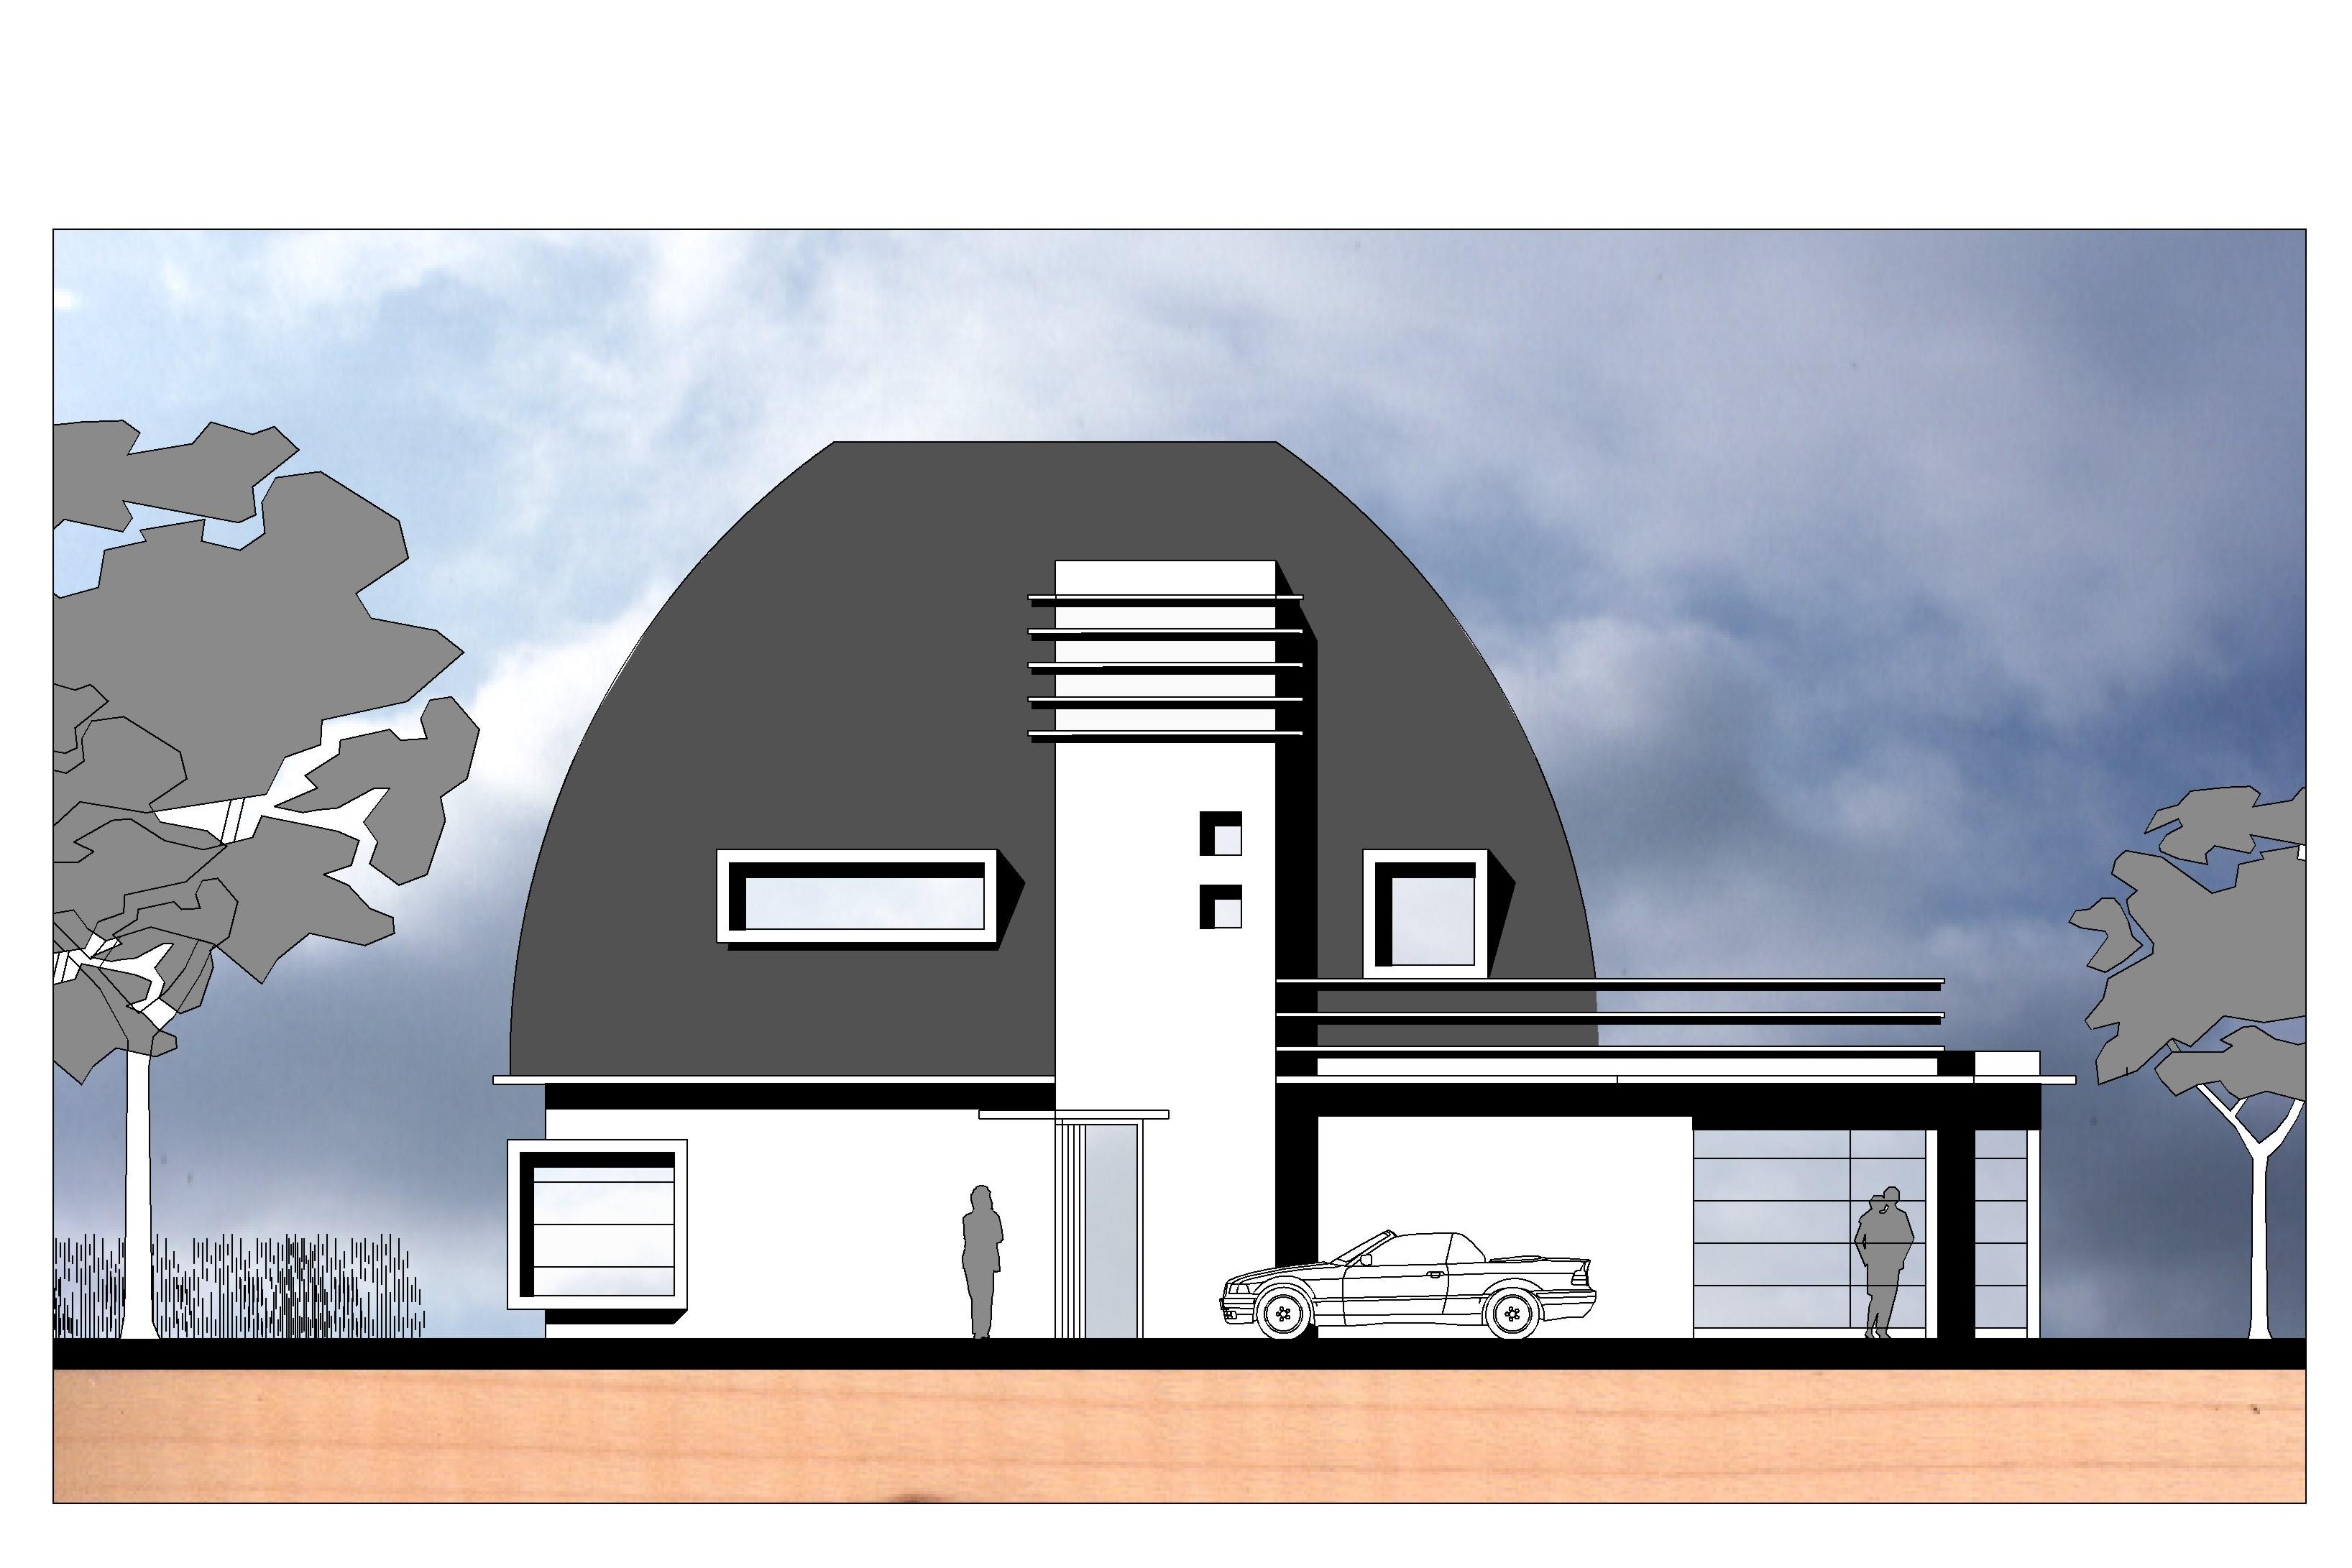 Eigen huis ontwerpen en bouwen veenland bv for Huis ontwerpen